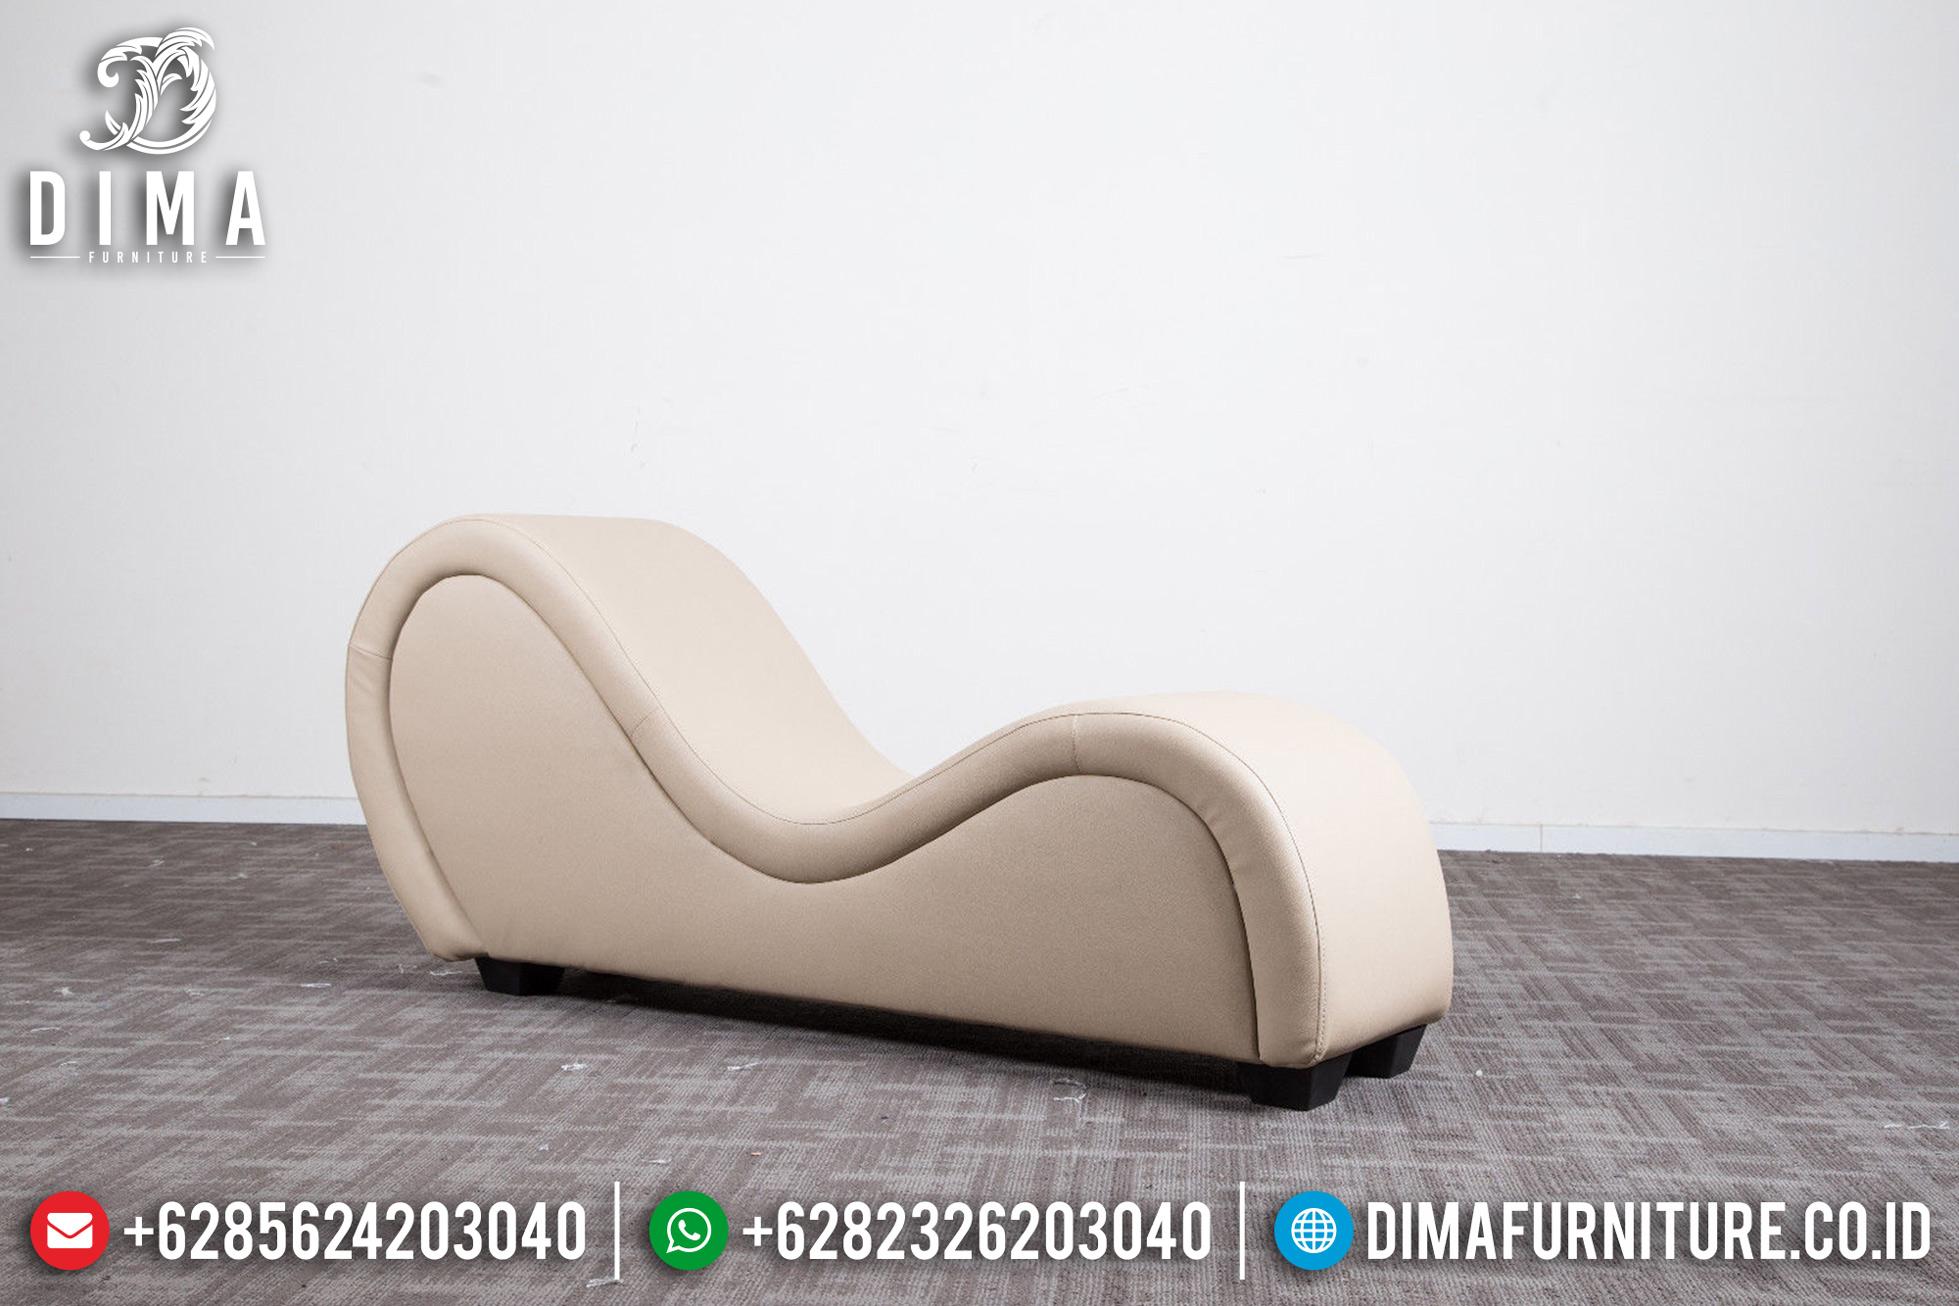 Sofa Bercinta Tantra, Sofa Sex Terbaru, Mebel Jepara Minimalis DF-0769